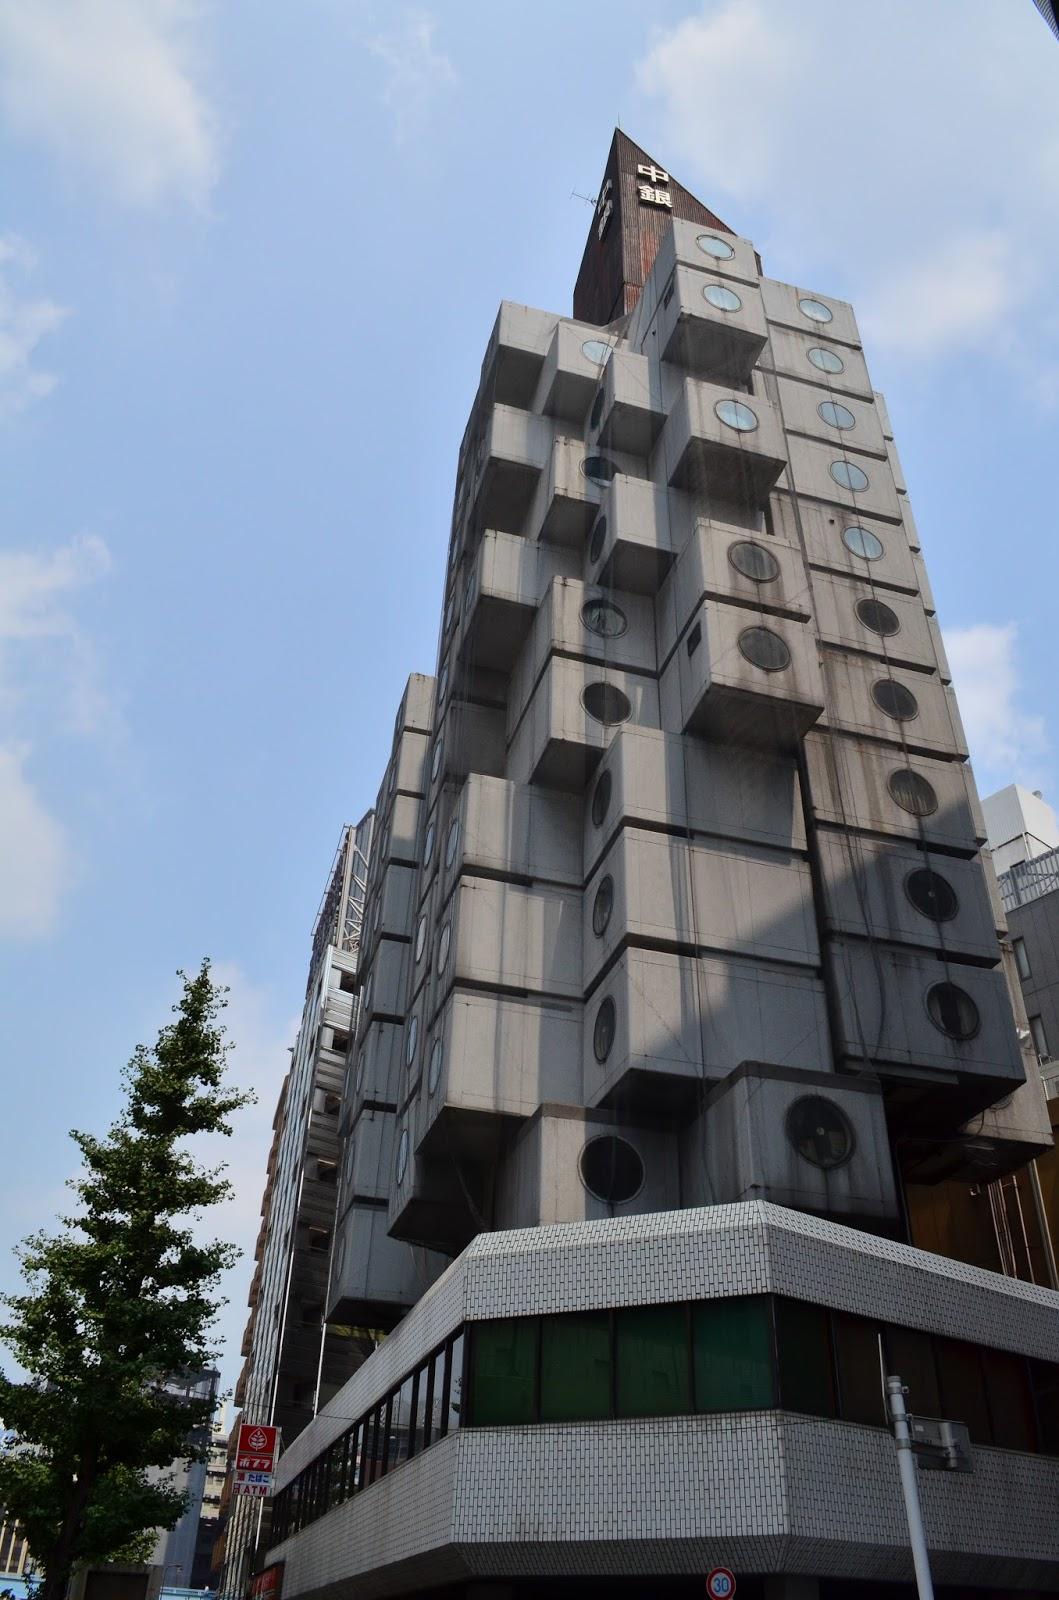 Secretos arquitect nicos la torre nakagin un estilo de for Estilos arquitectonicos contemporaneos